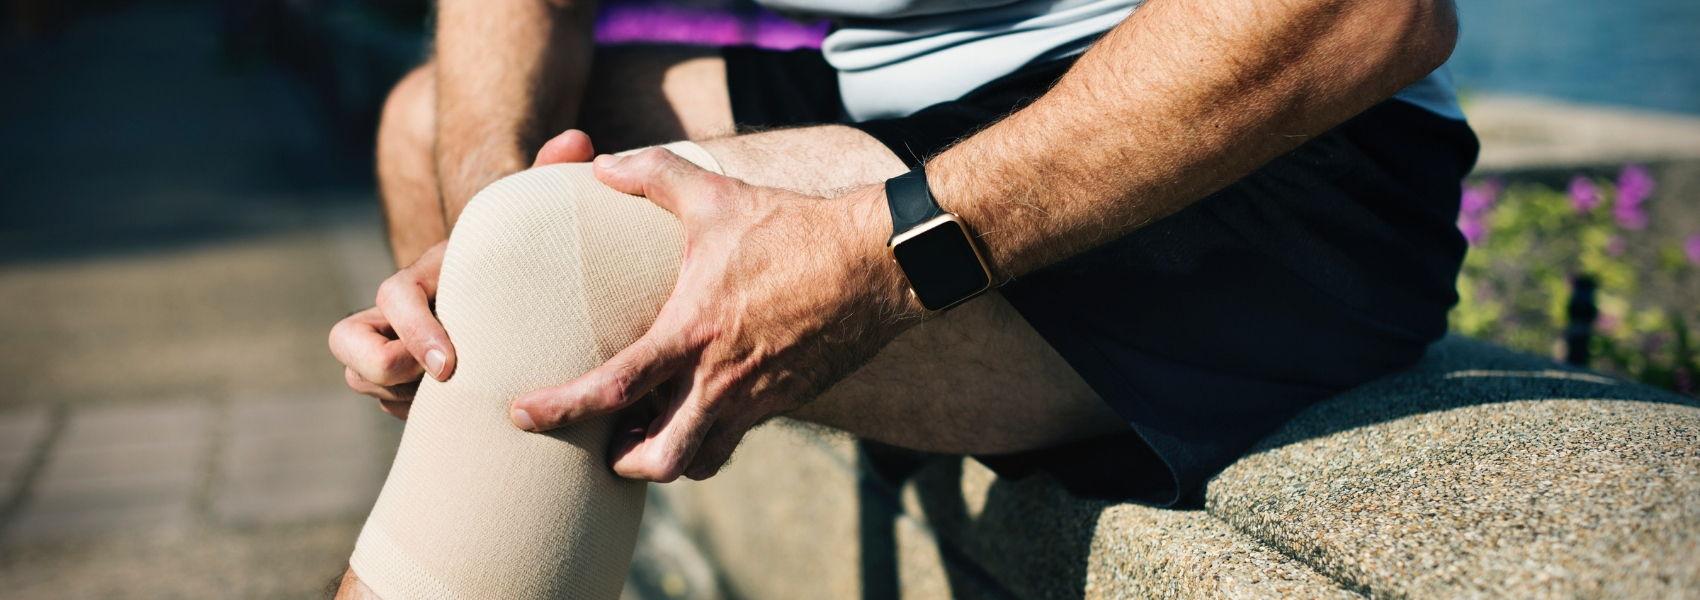 Projeto de implantes para o joelho, liderado por grupo nacional, recebe 5,5 milhões